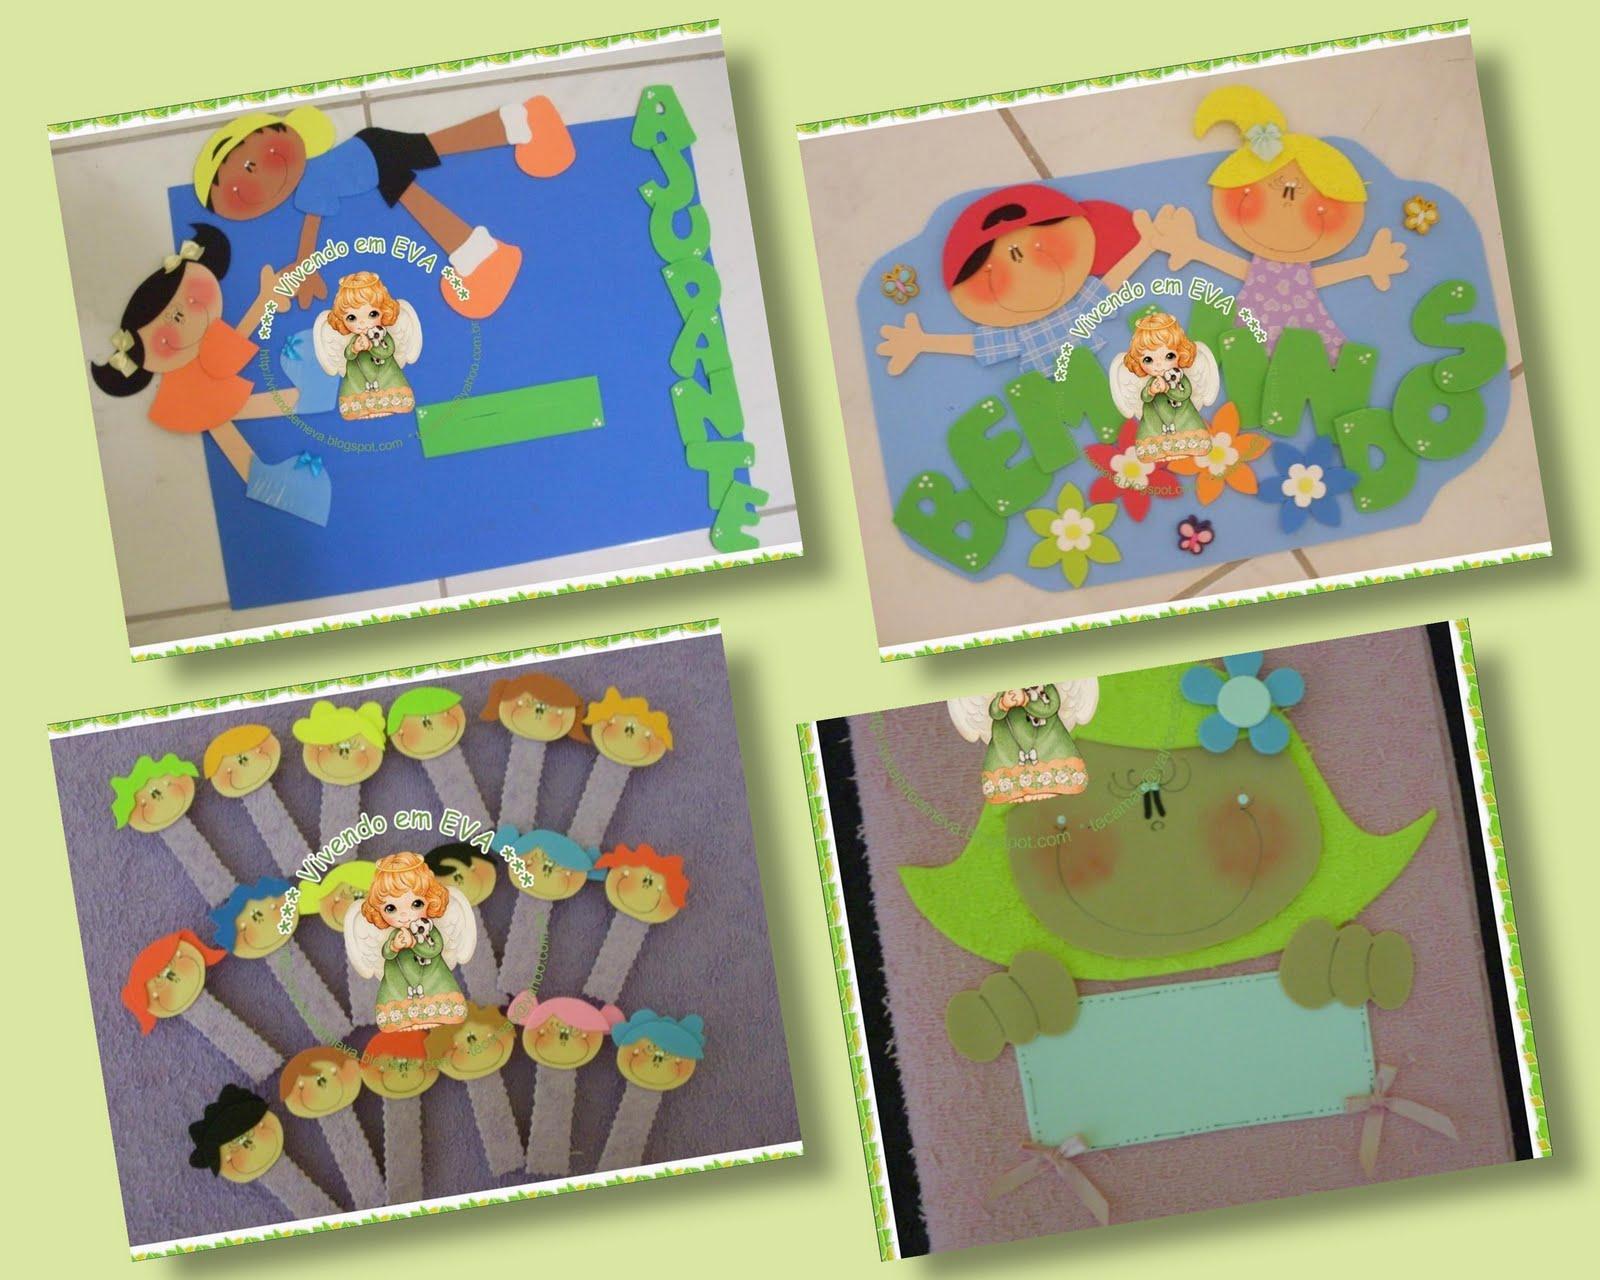 decoracao de sala aula em eva : decoracao de sala aula em eva:Vivendo em EVA: KIt decoraçao de sala de aula